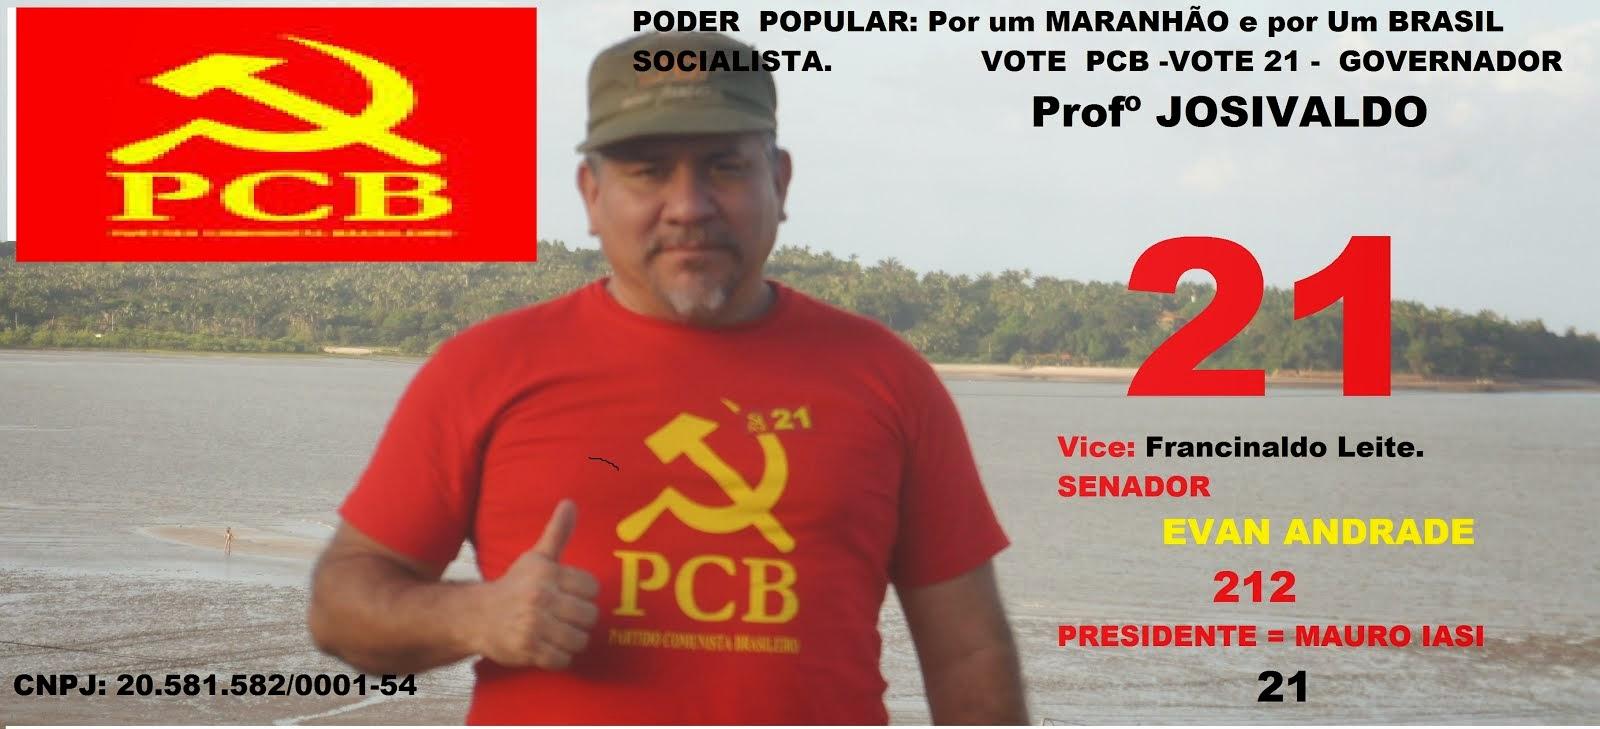 PROF JOSIVALDO - 21